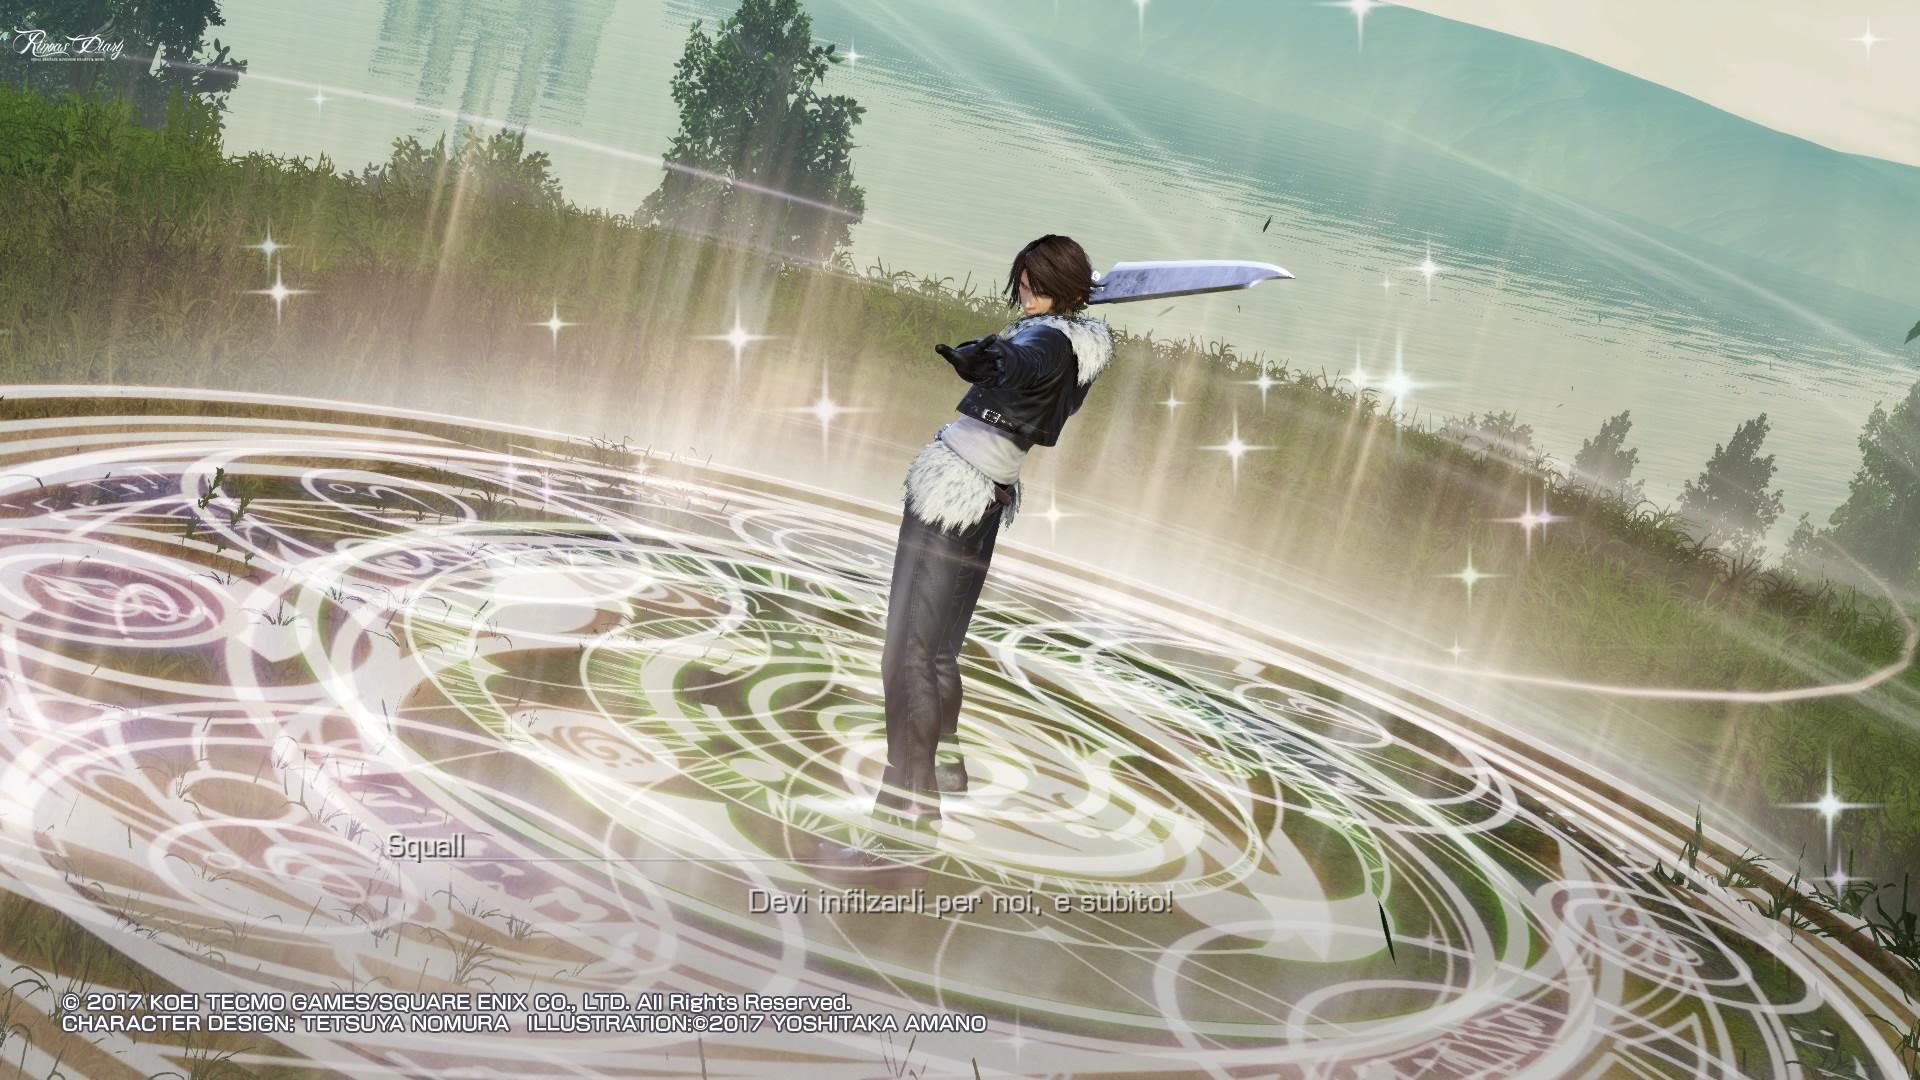 Tutti i personaggi giocabili (presenti e futuri) della Open Beta di Dissidia Final Fantasy NT!